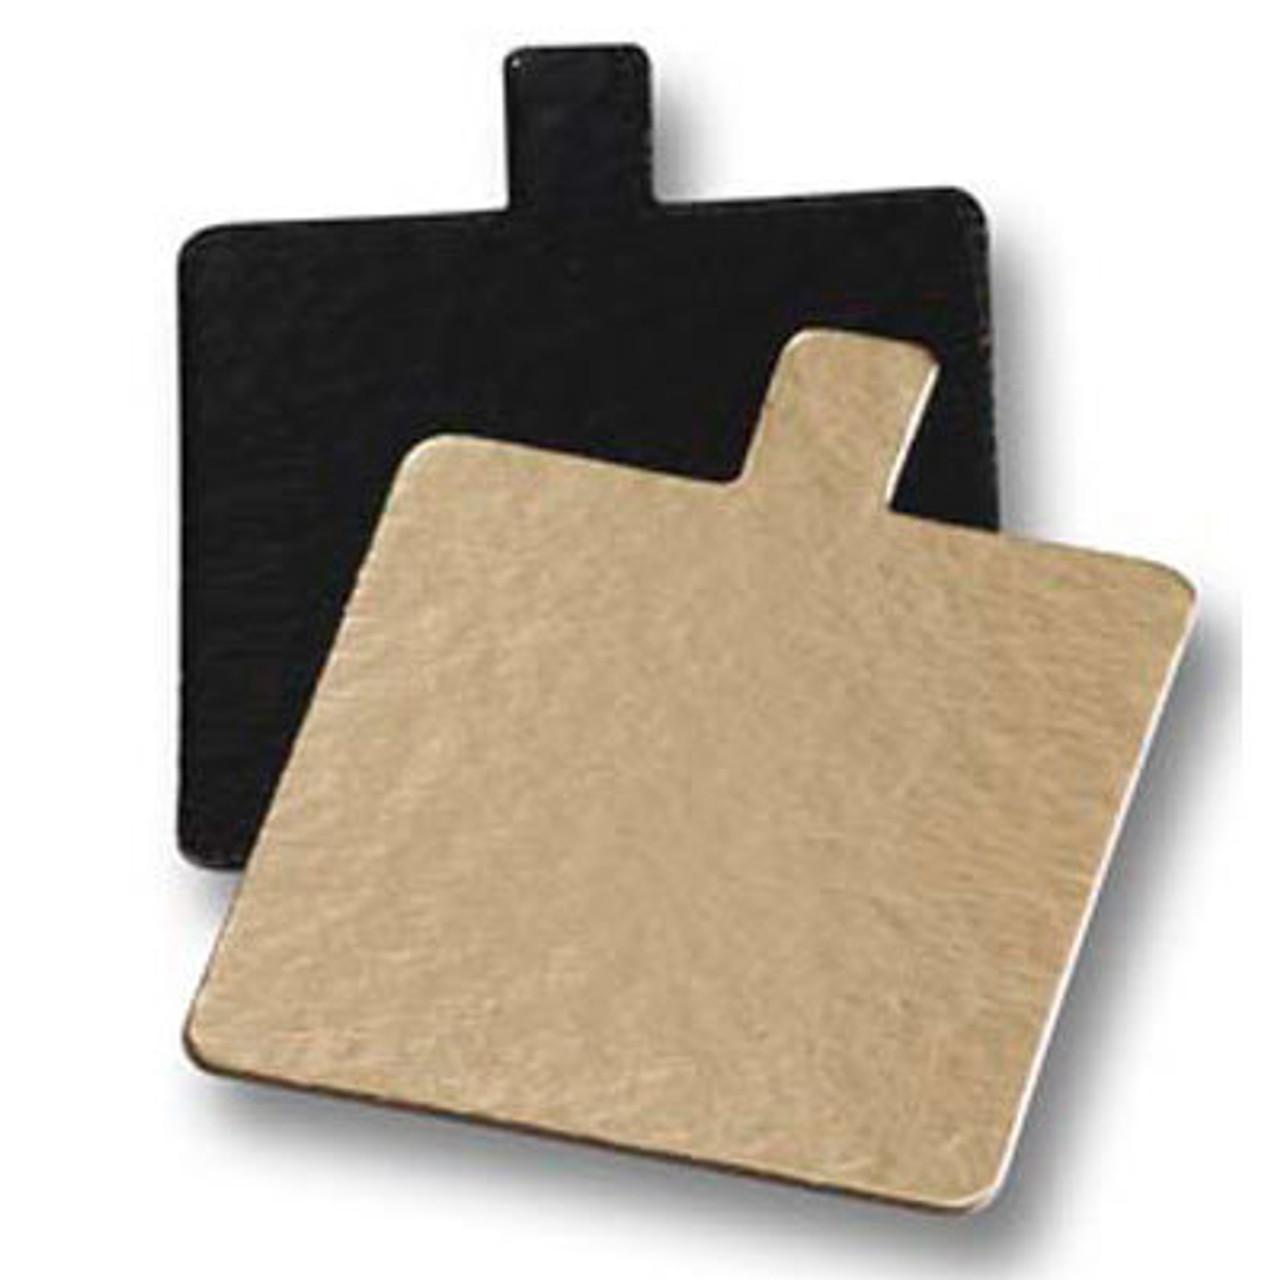 Mini Square Black & Gold Cake Cards